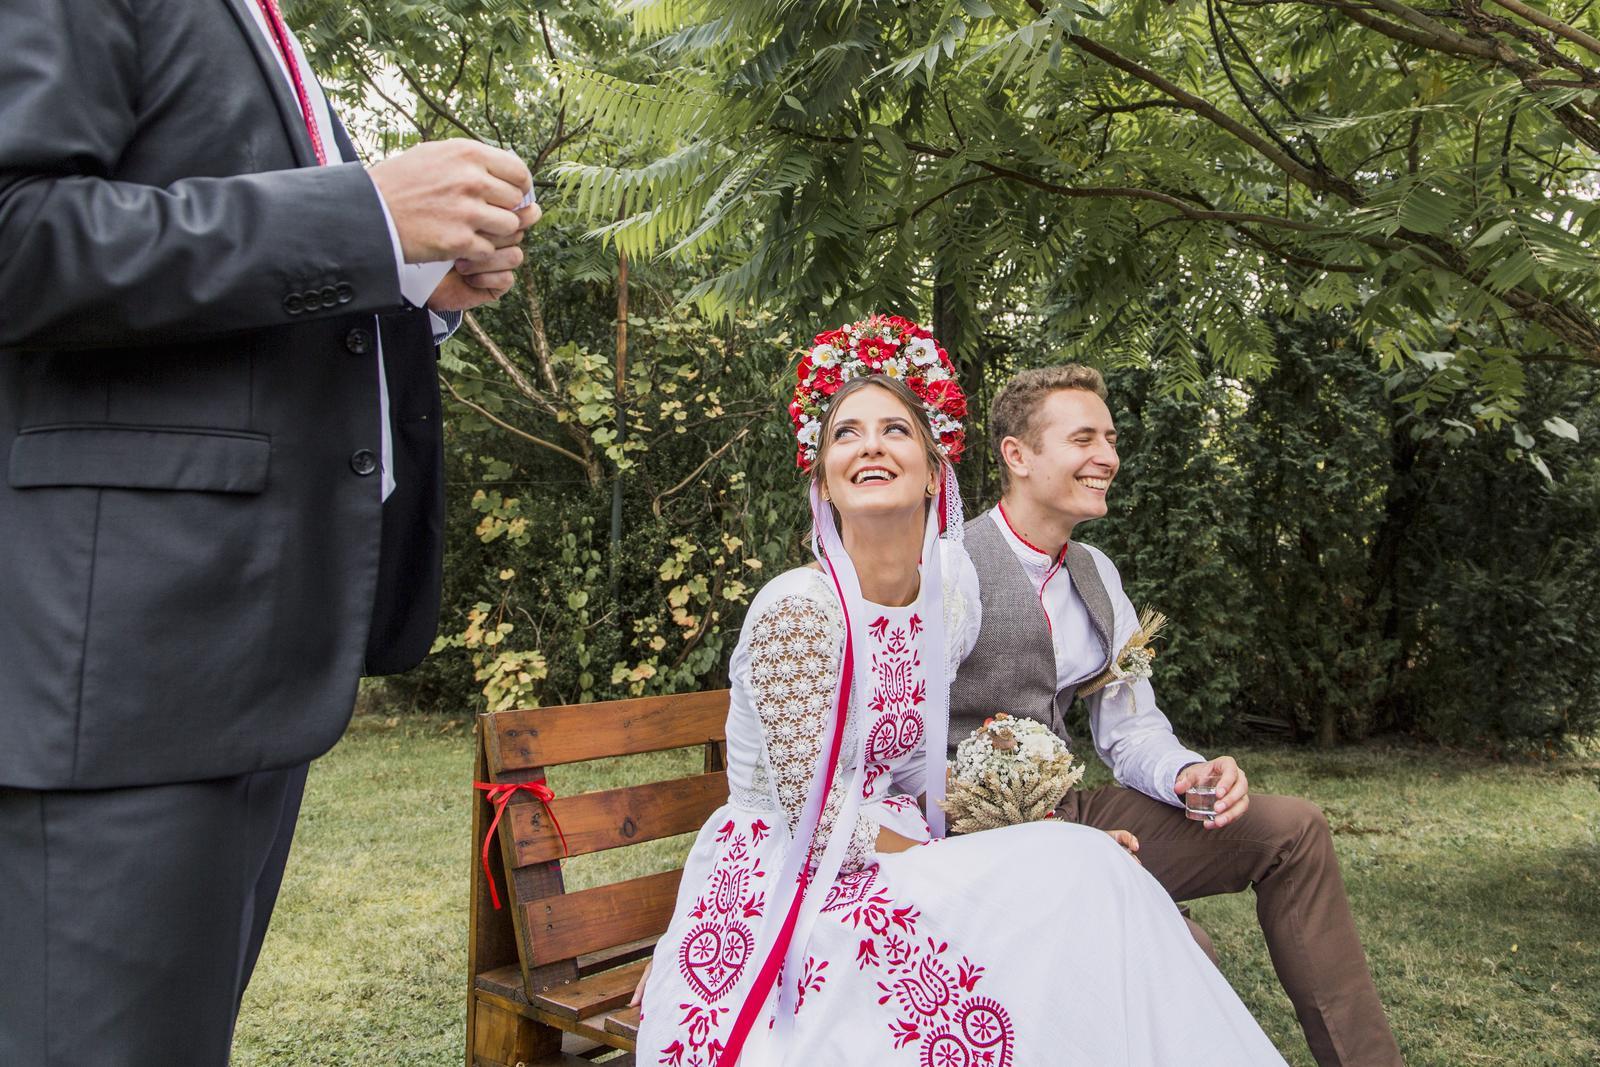 Svadba Majka a Vilko - Vinné 2018 - Obrázok č. 16